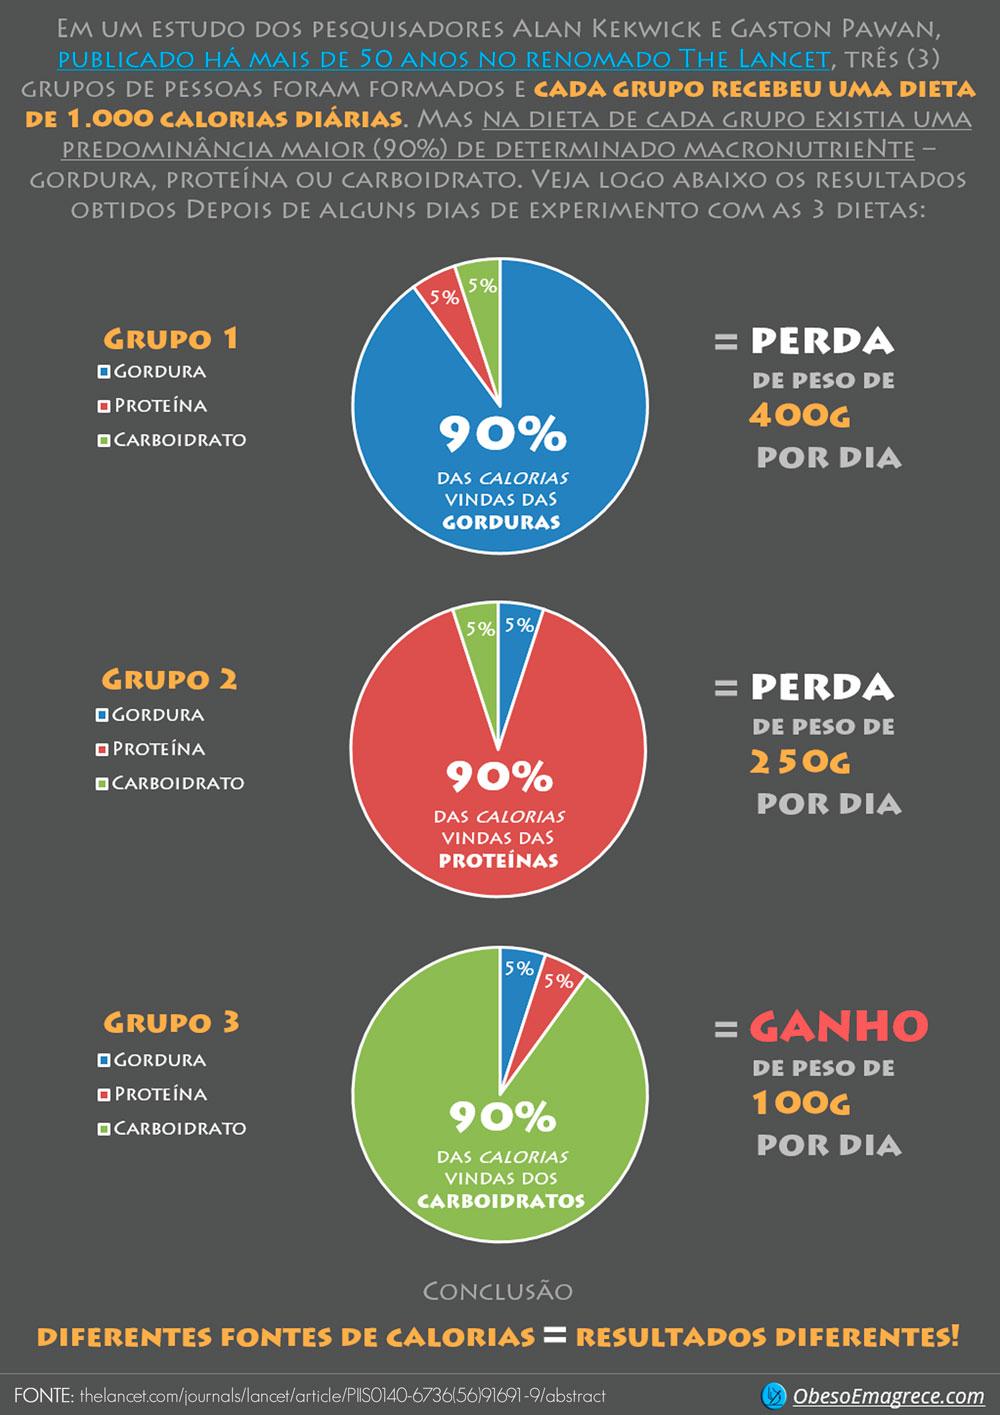 """cardápio low carb para emagrecer - infográfico """"Diferentes Fontes de Calorias=Resultados Diferentes"""" em tamanho grande"""